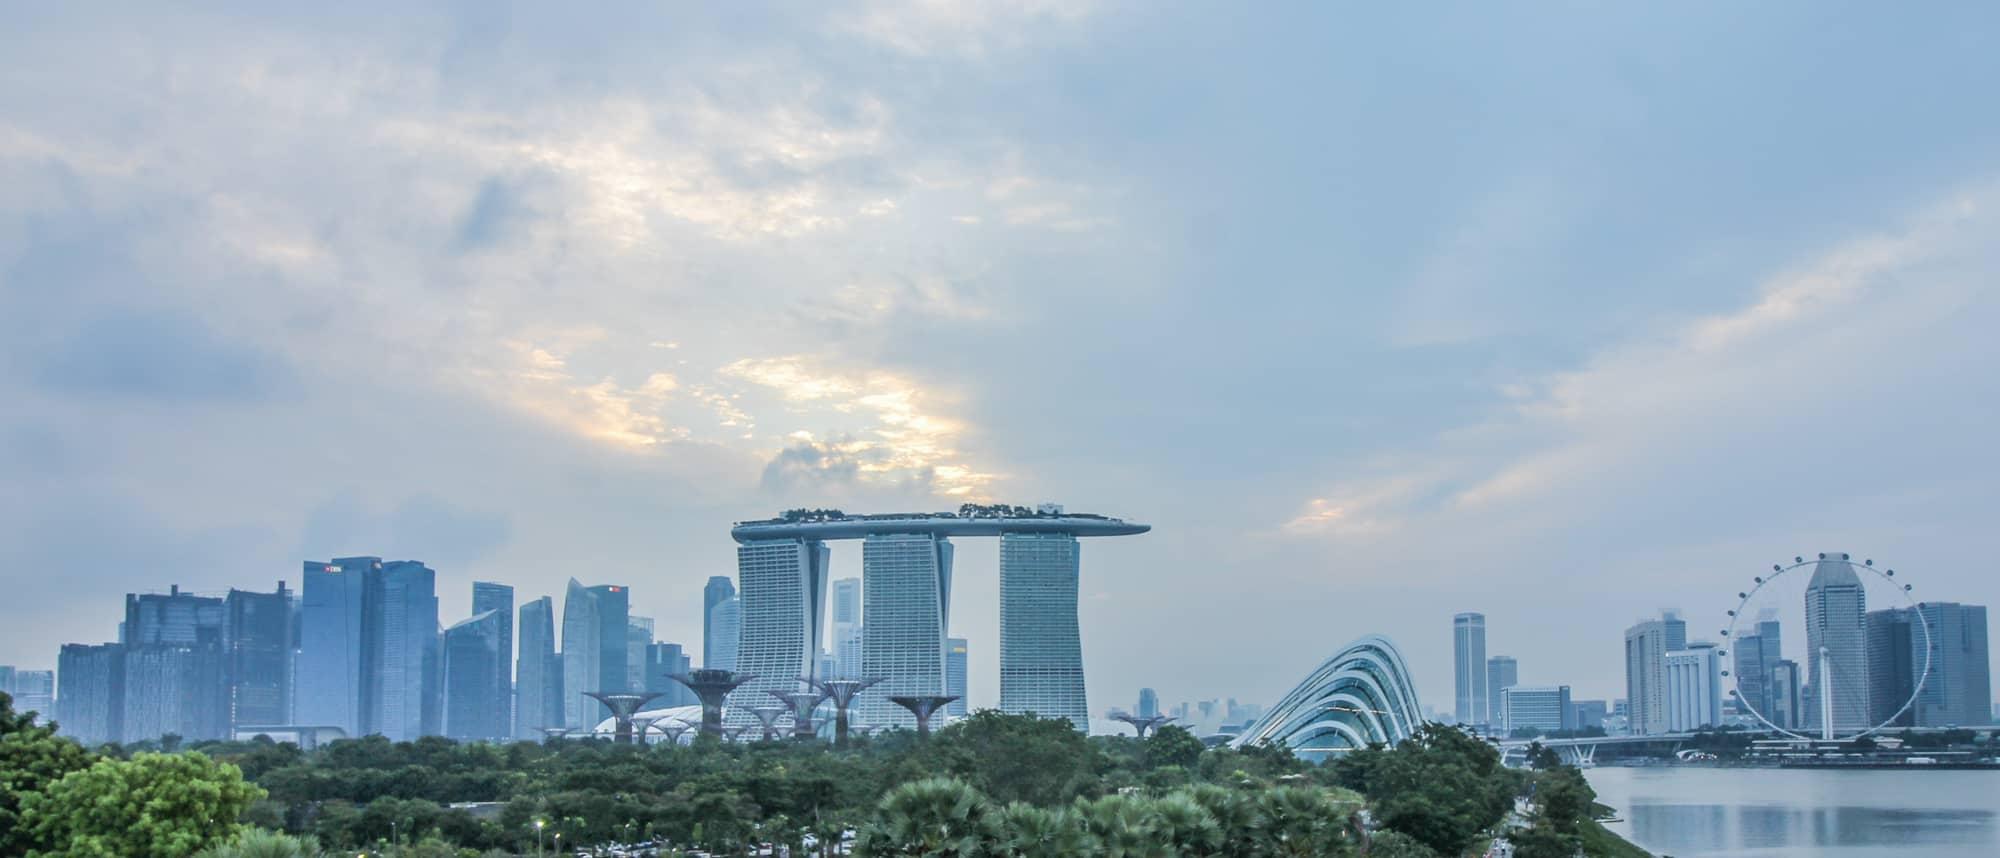 Foto-Highlights in Singapur: Skyline von Marina Barrage